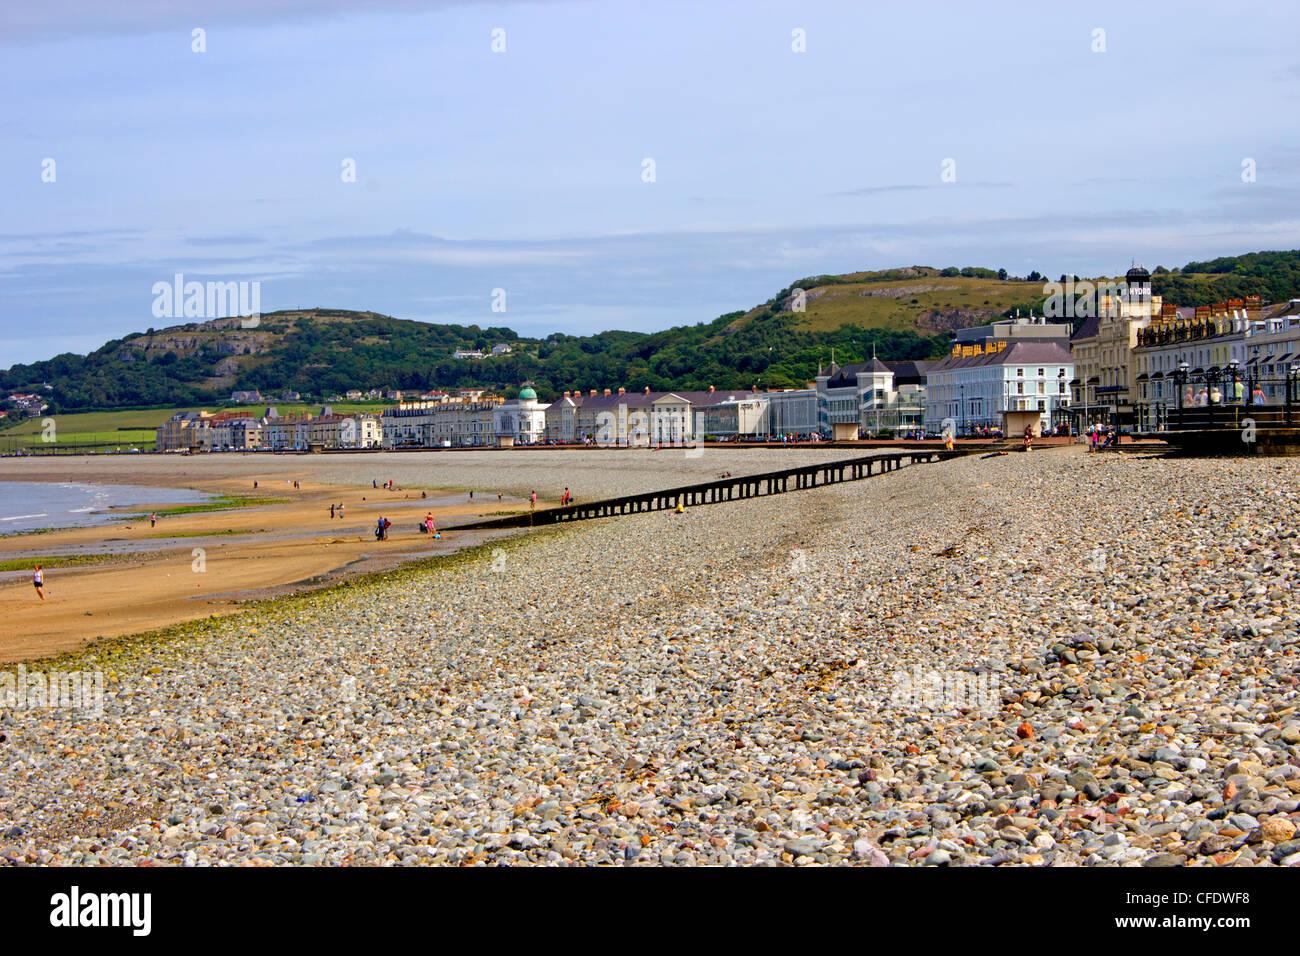 Llandudno Beach, Clwyd, North Wales, Wales, United Kingdom, Europe - Stock Image